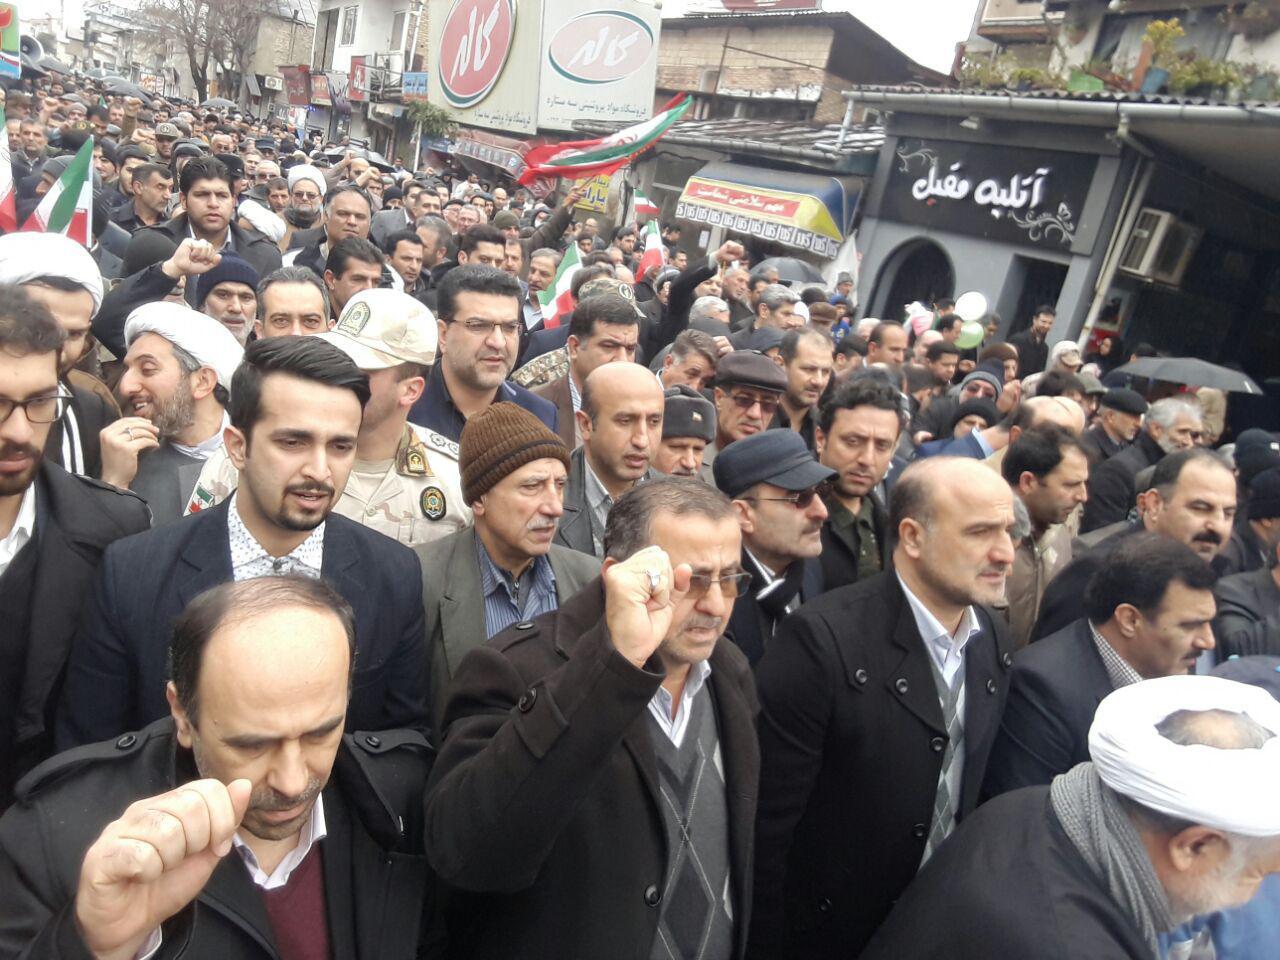 گزارش تصویری حضور شریعت نژاد و هیئت همراه در راهپیمایی 22 بهمن 1395 در شهرستانهای تنکابن،رامسر و عباس آباد